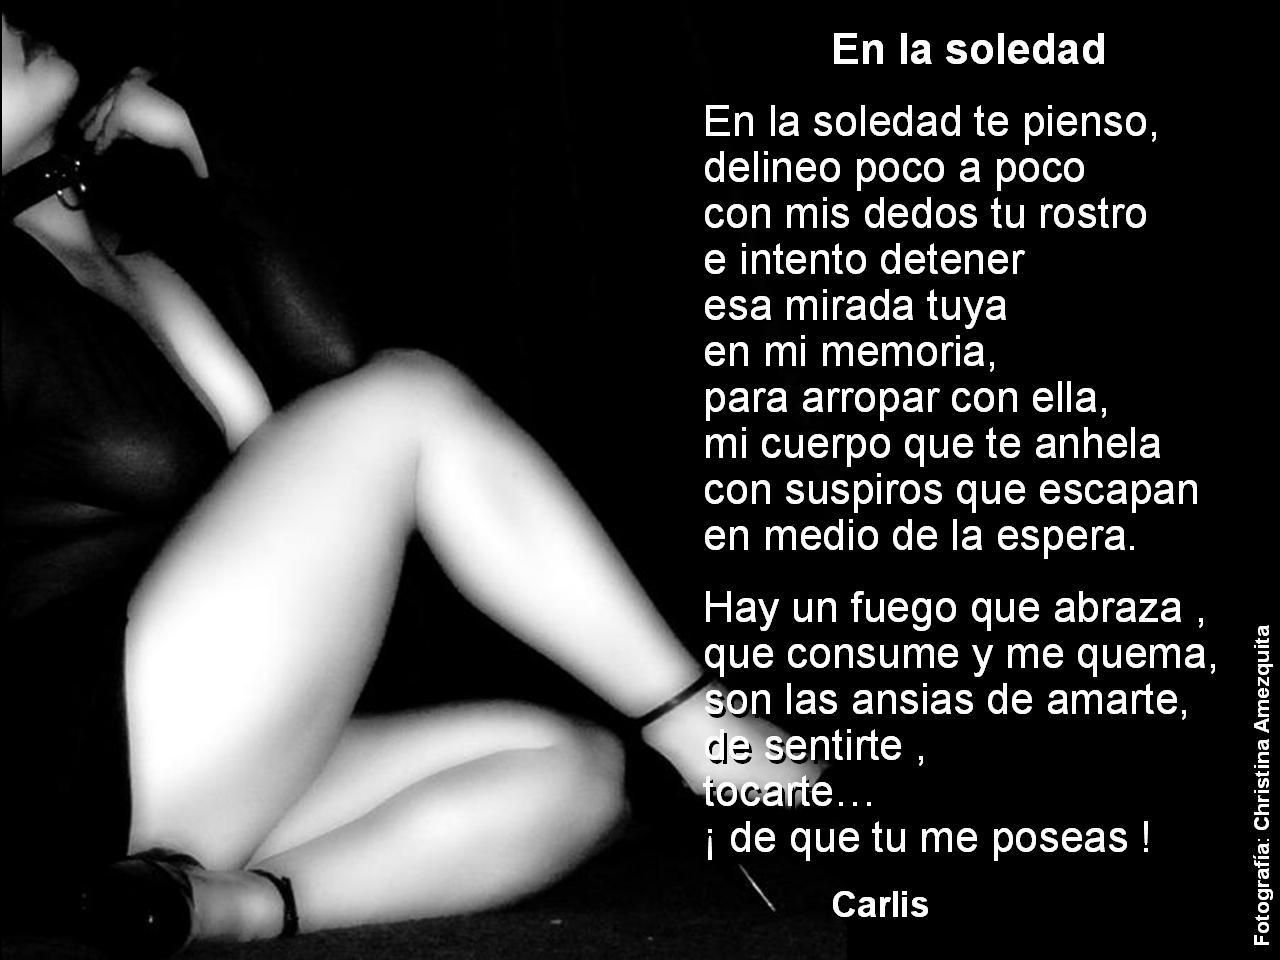 Imagenes Y Frases Frases Sobre La Soledad